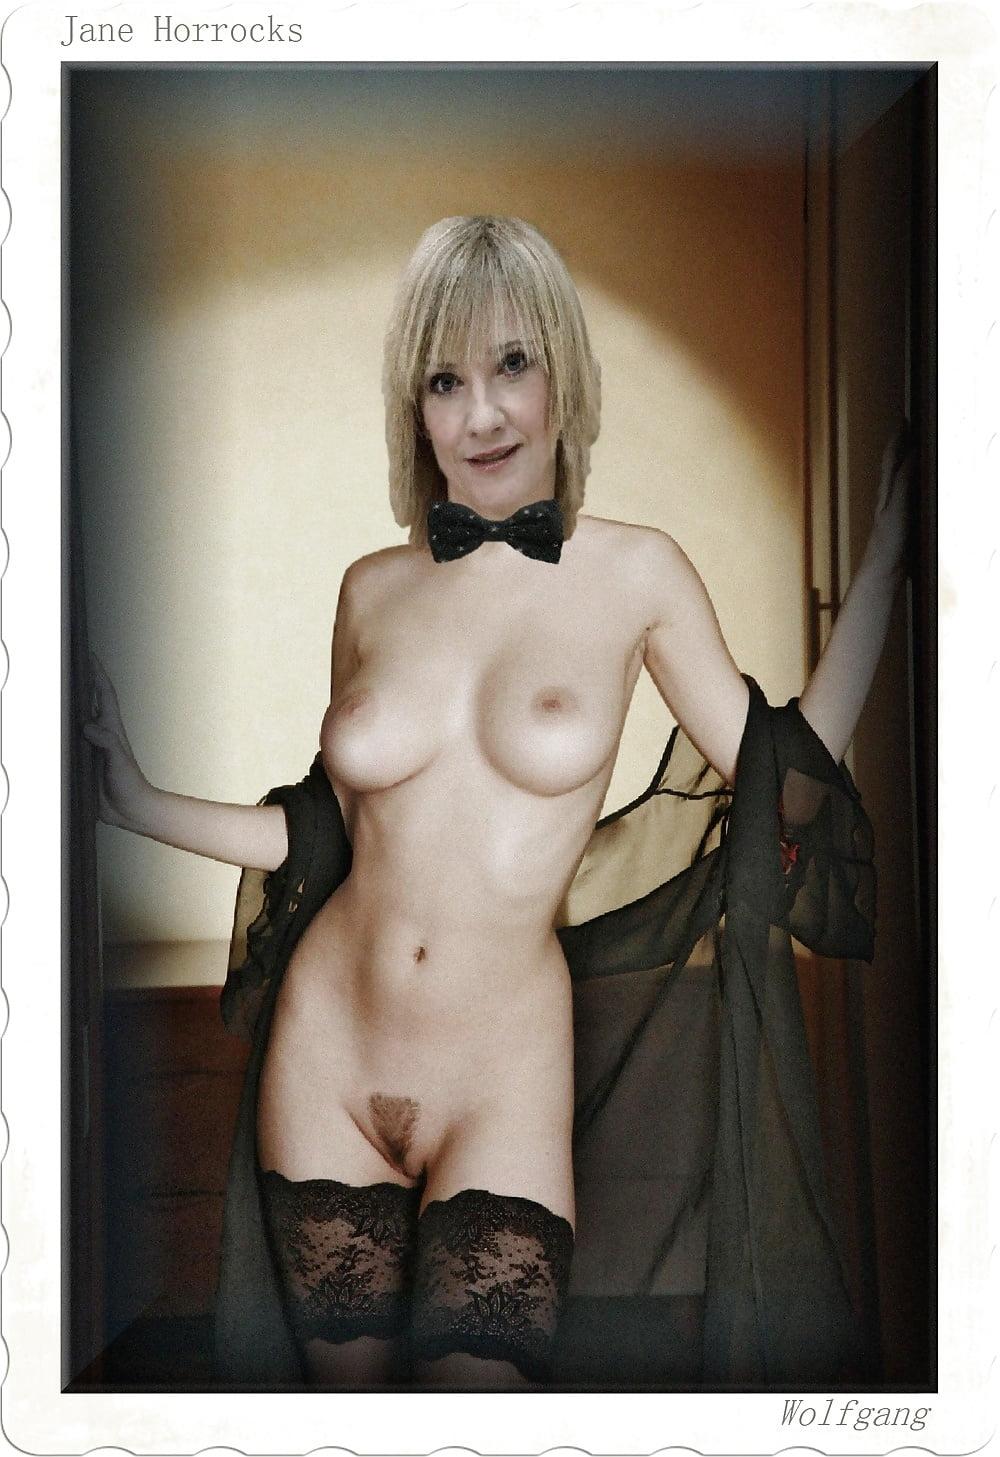 Jane horrocks nude cumception